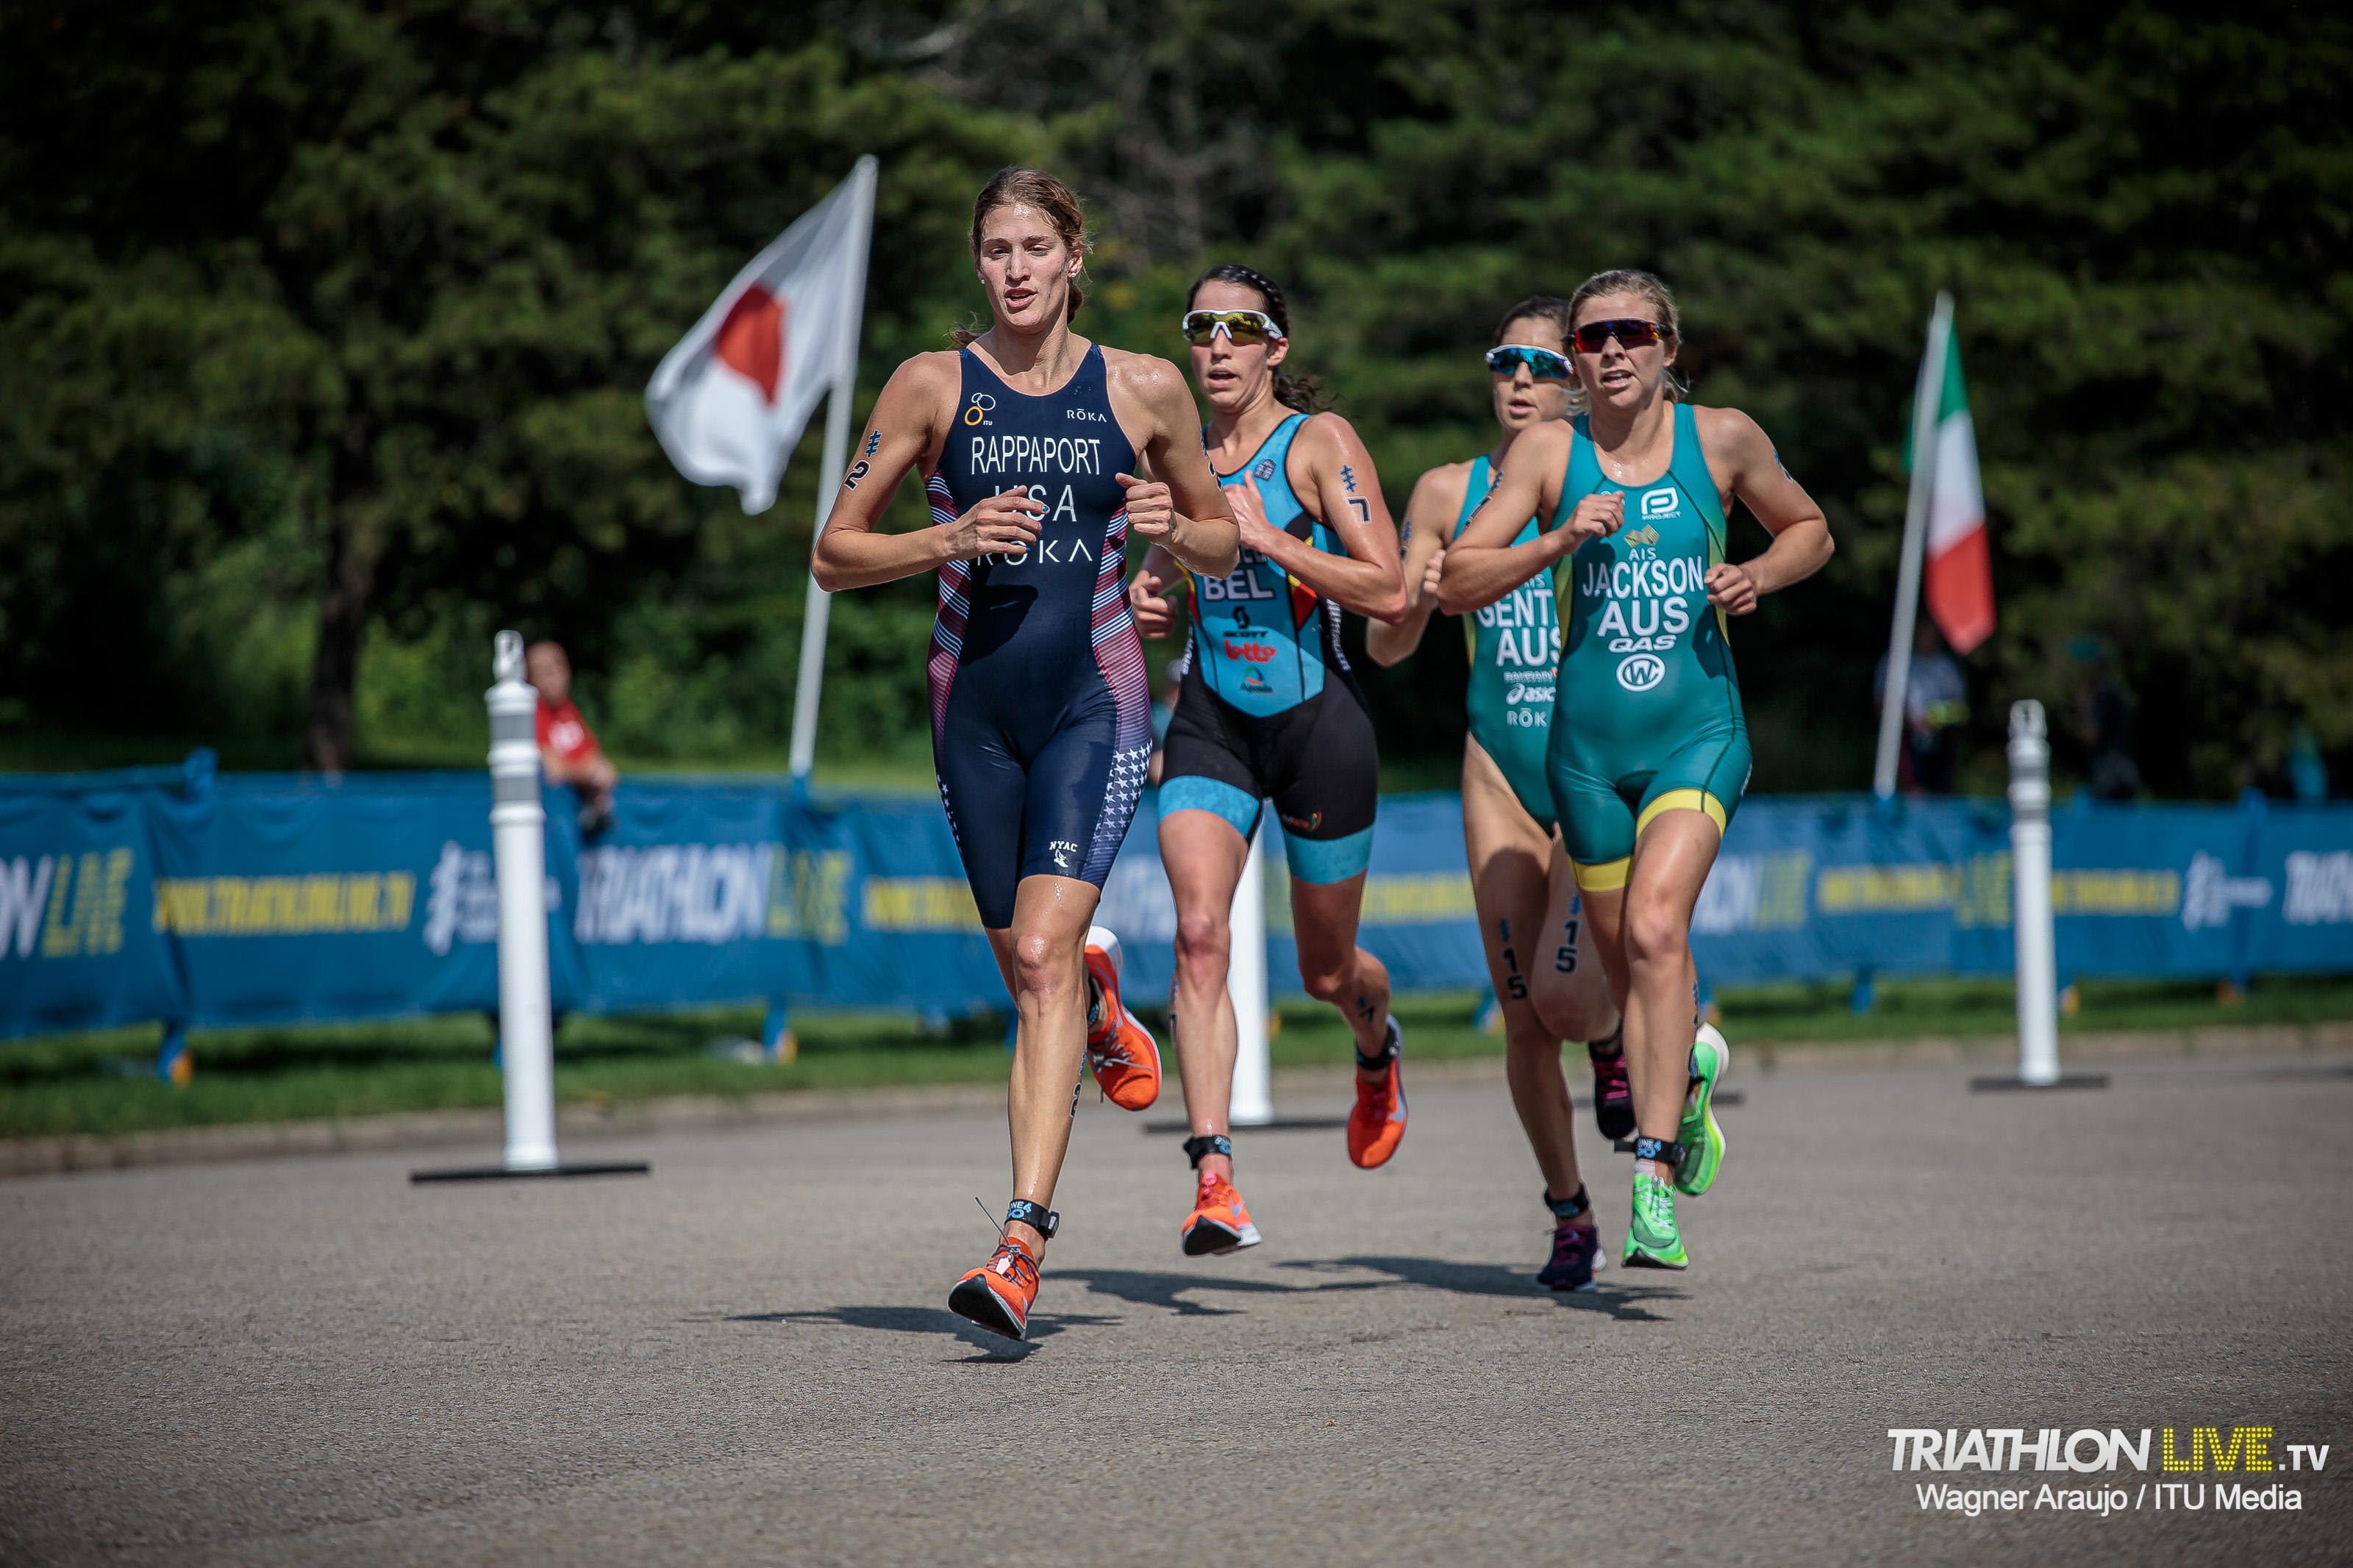 Triathlon Olympia 2021